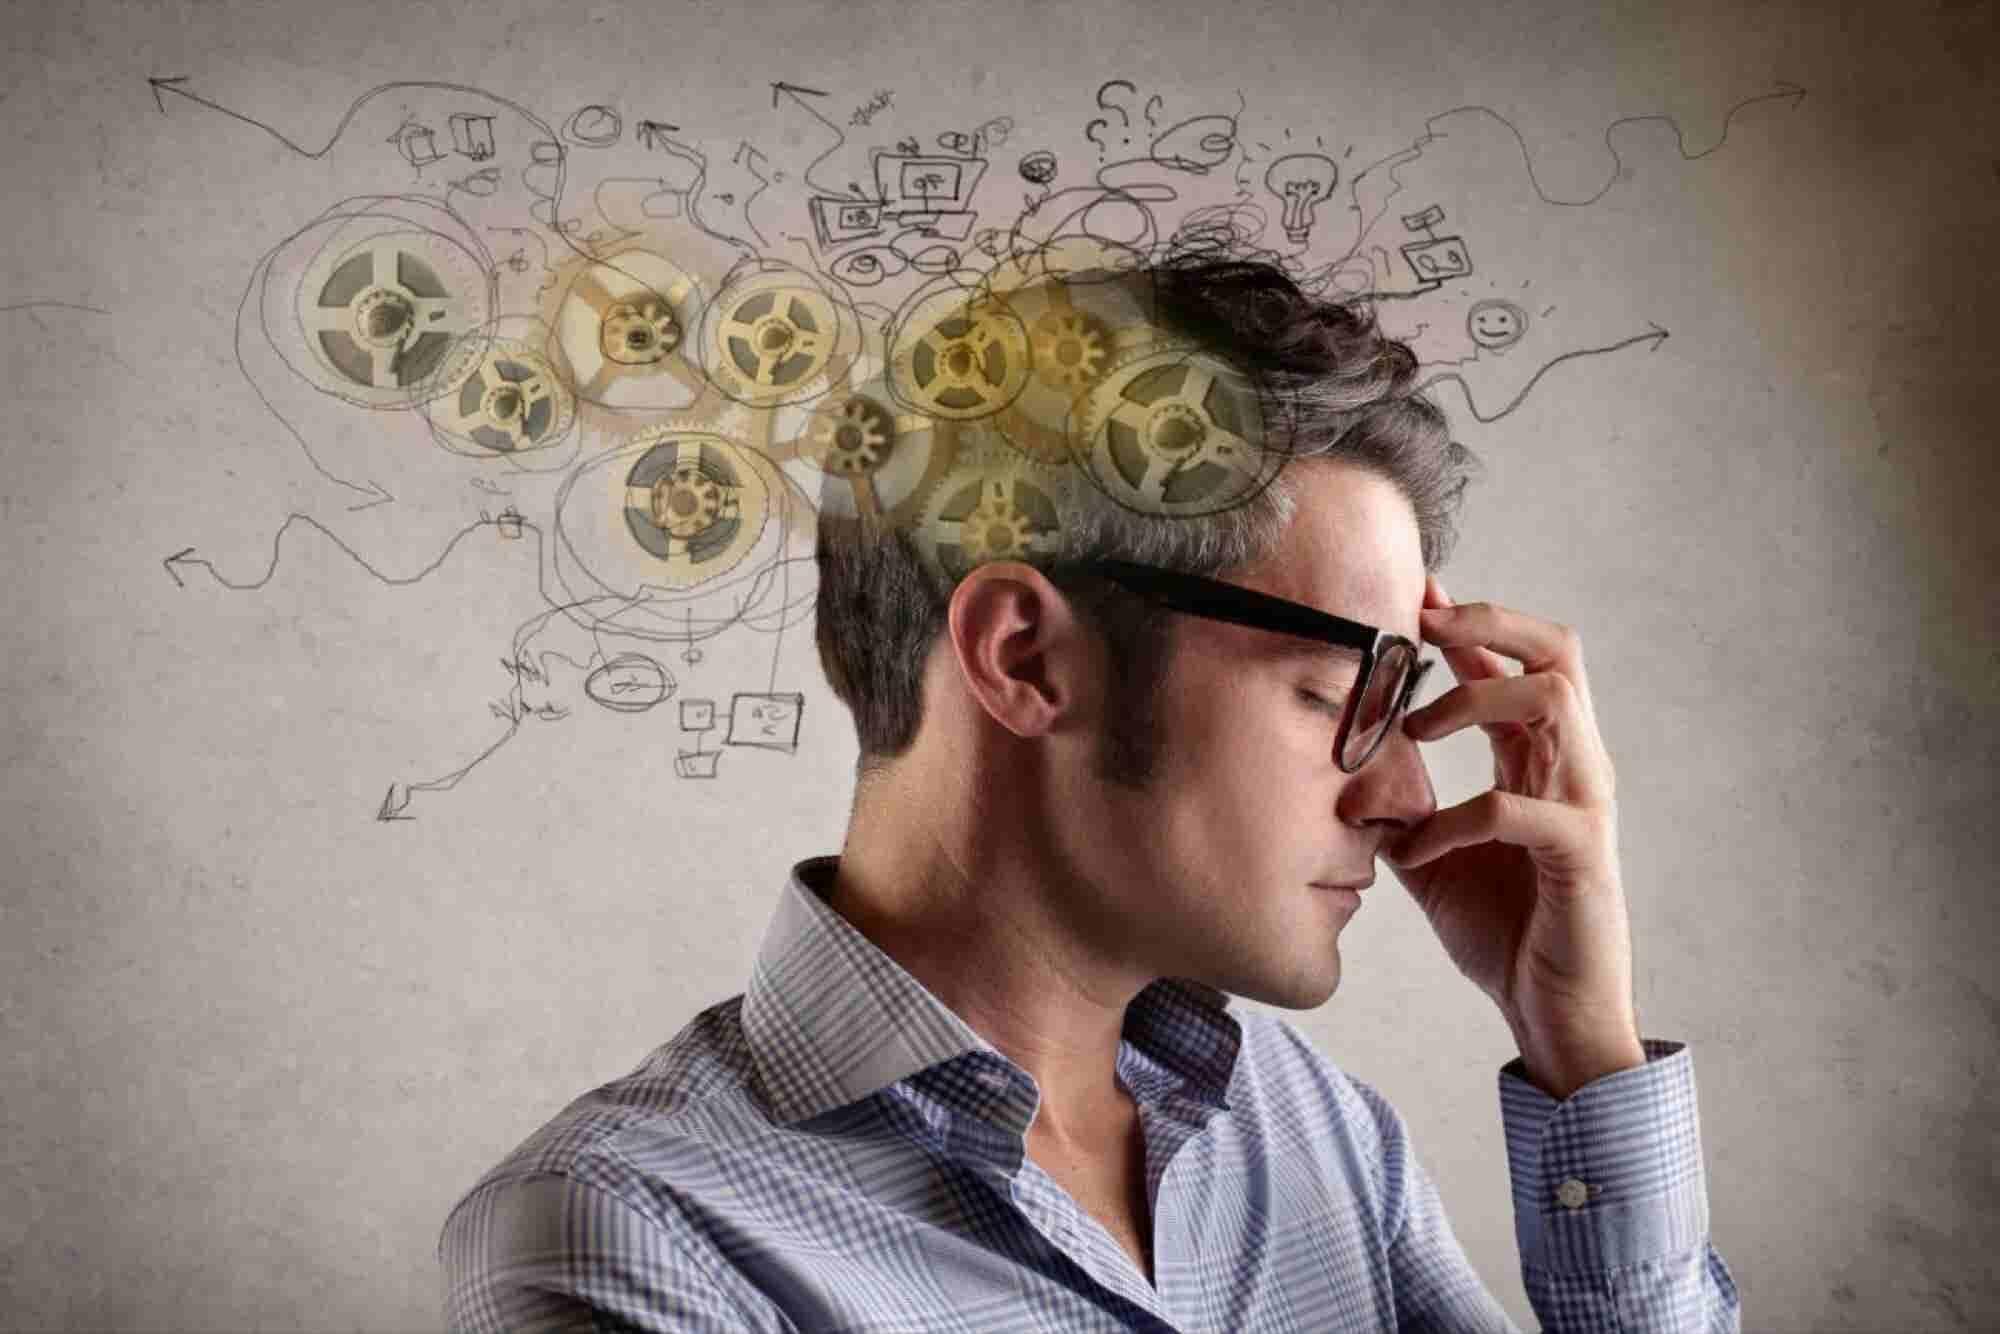 Estos son los 4 cambios mentales necesarios para los tiempos actuales